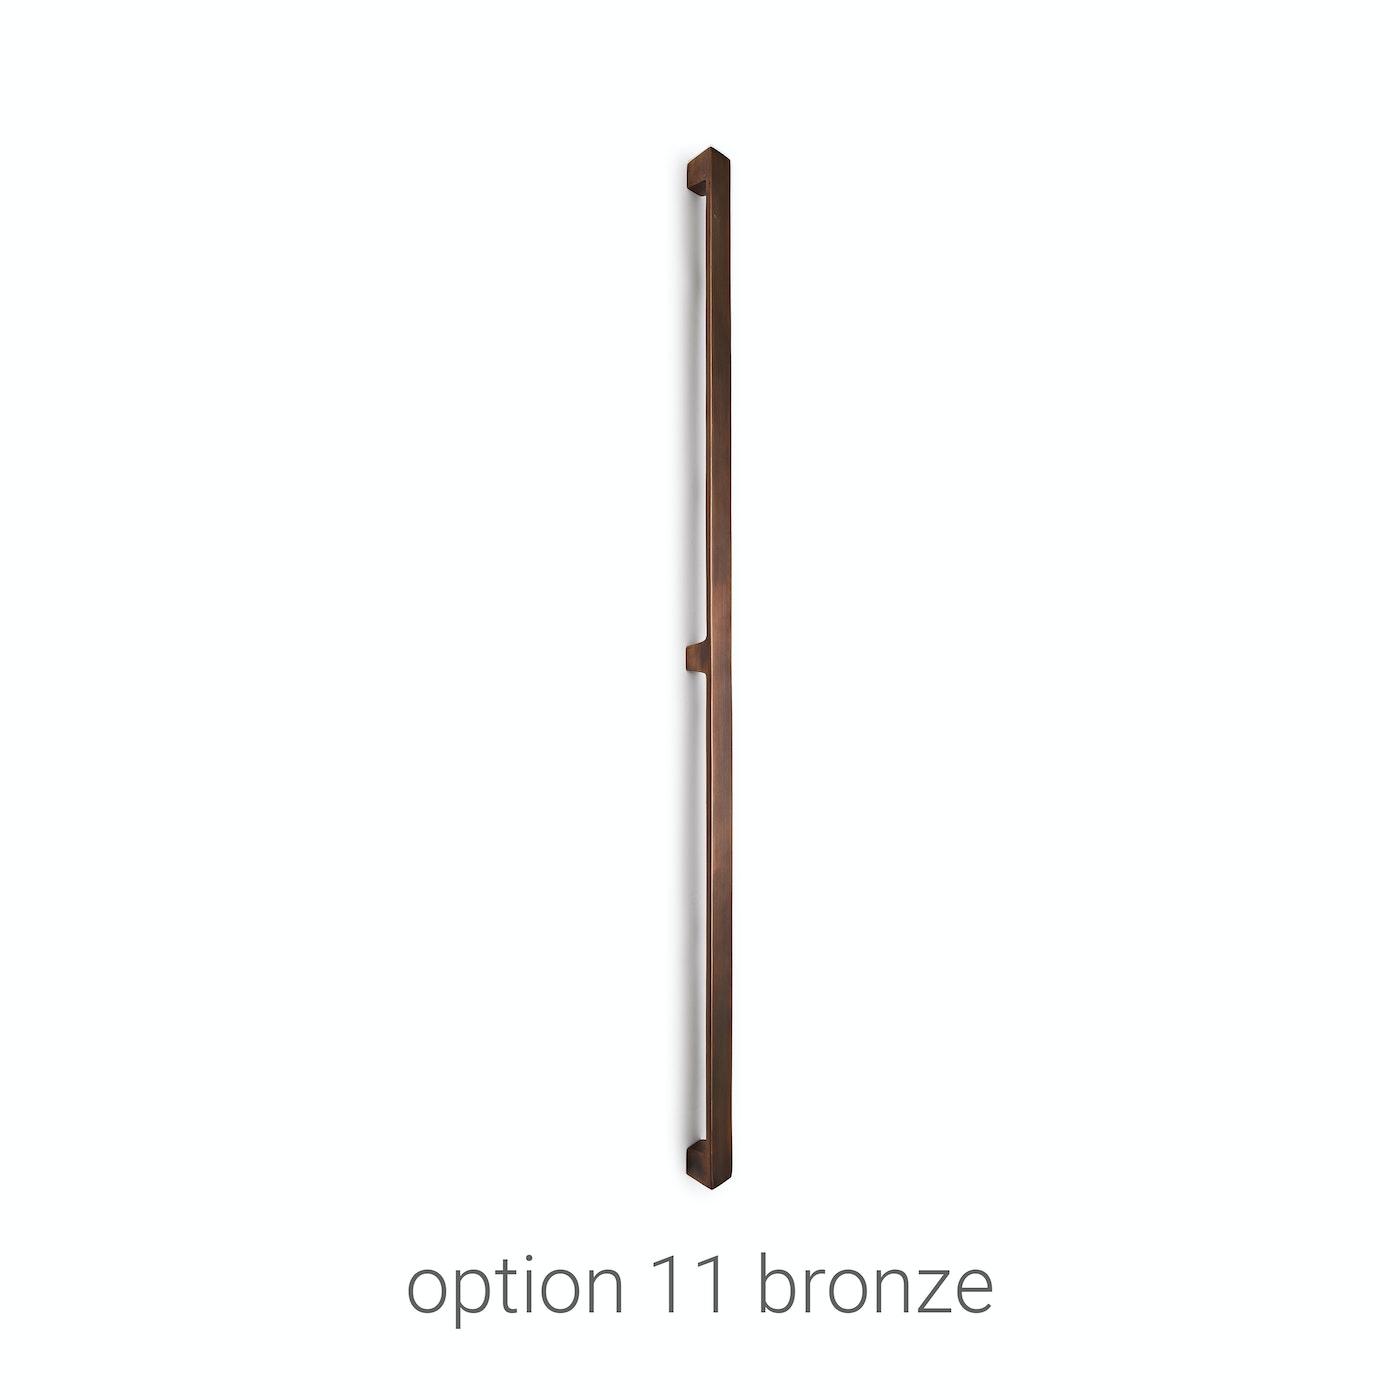 handles stainless steel door Urban Front option 11 bronze